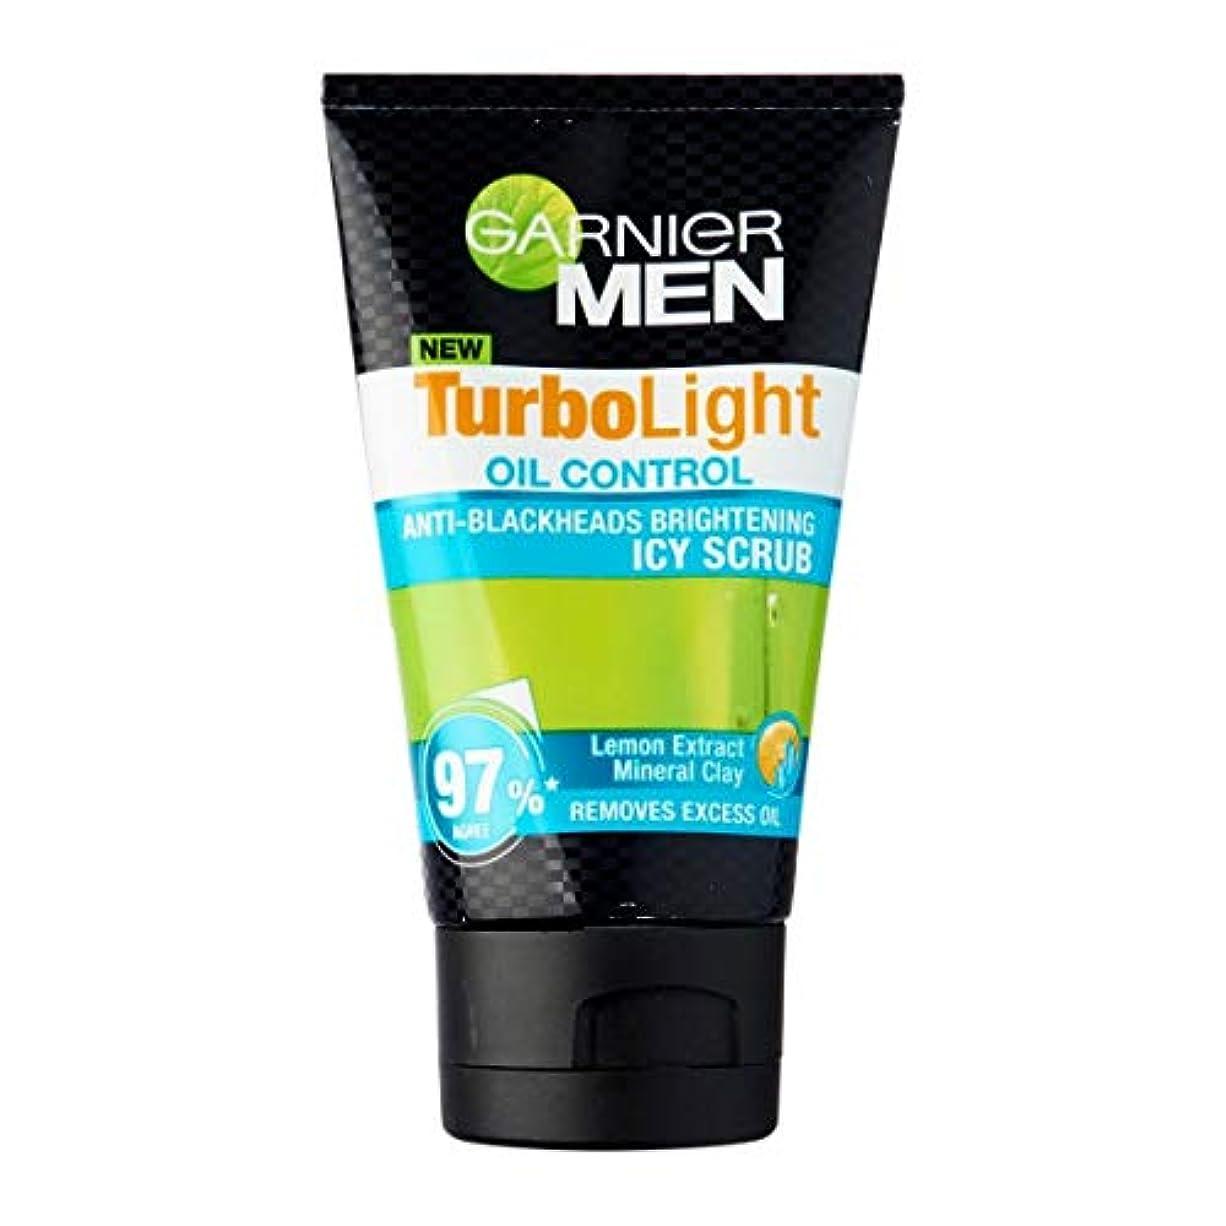 結果タイプスケジュールGarnier Men turbolight オイルコントロールアイシースクラブ 50ml-毛穴取り除くマイクロ研磨ビーズ、このスクラブは、余分な油を除去し、目に見える黒ずみを減少させ、暗い斑点を明るくします。